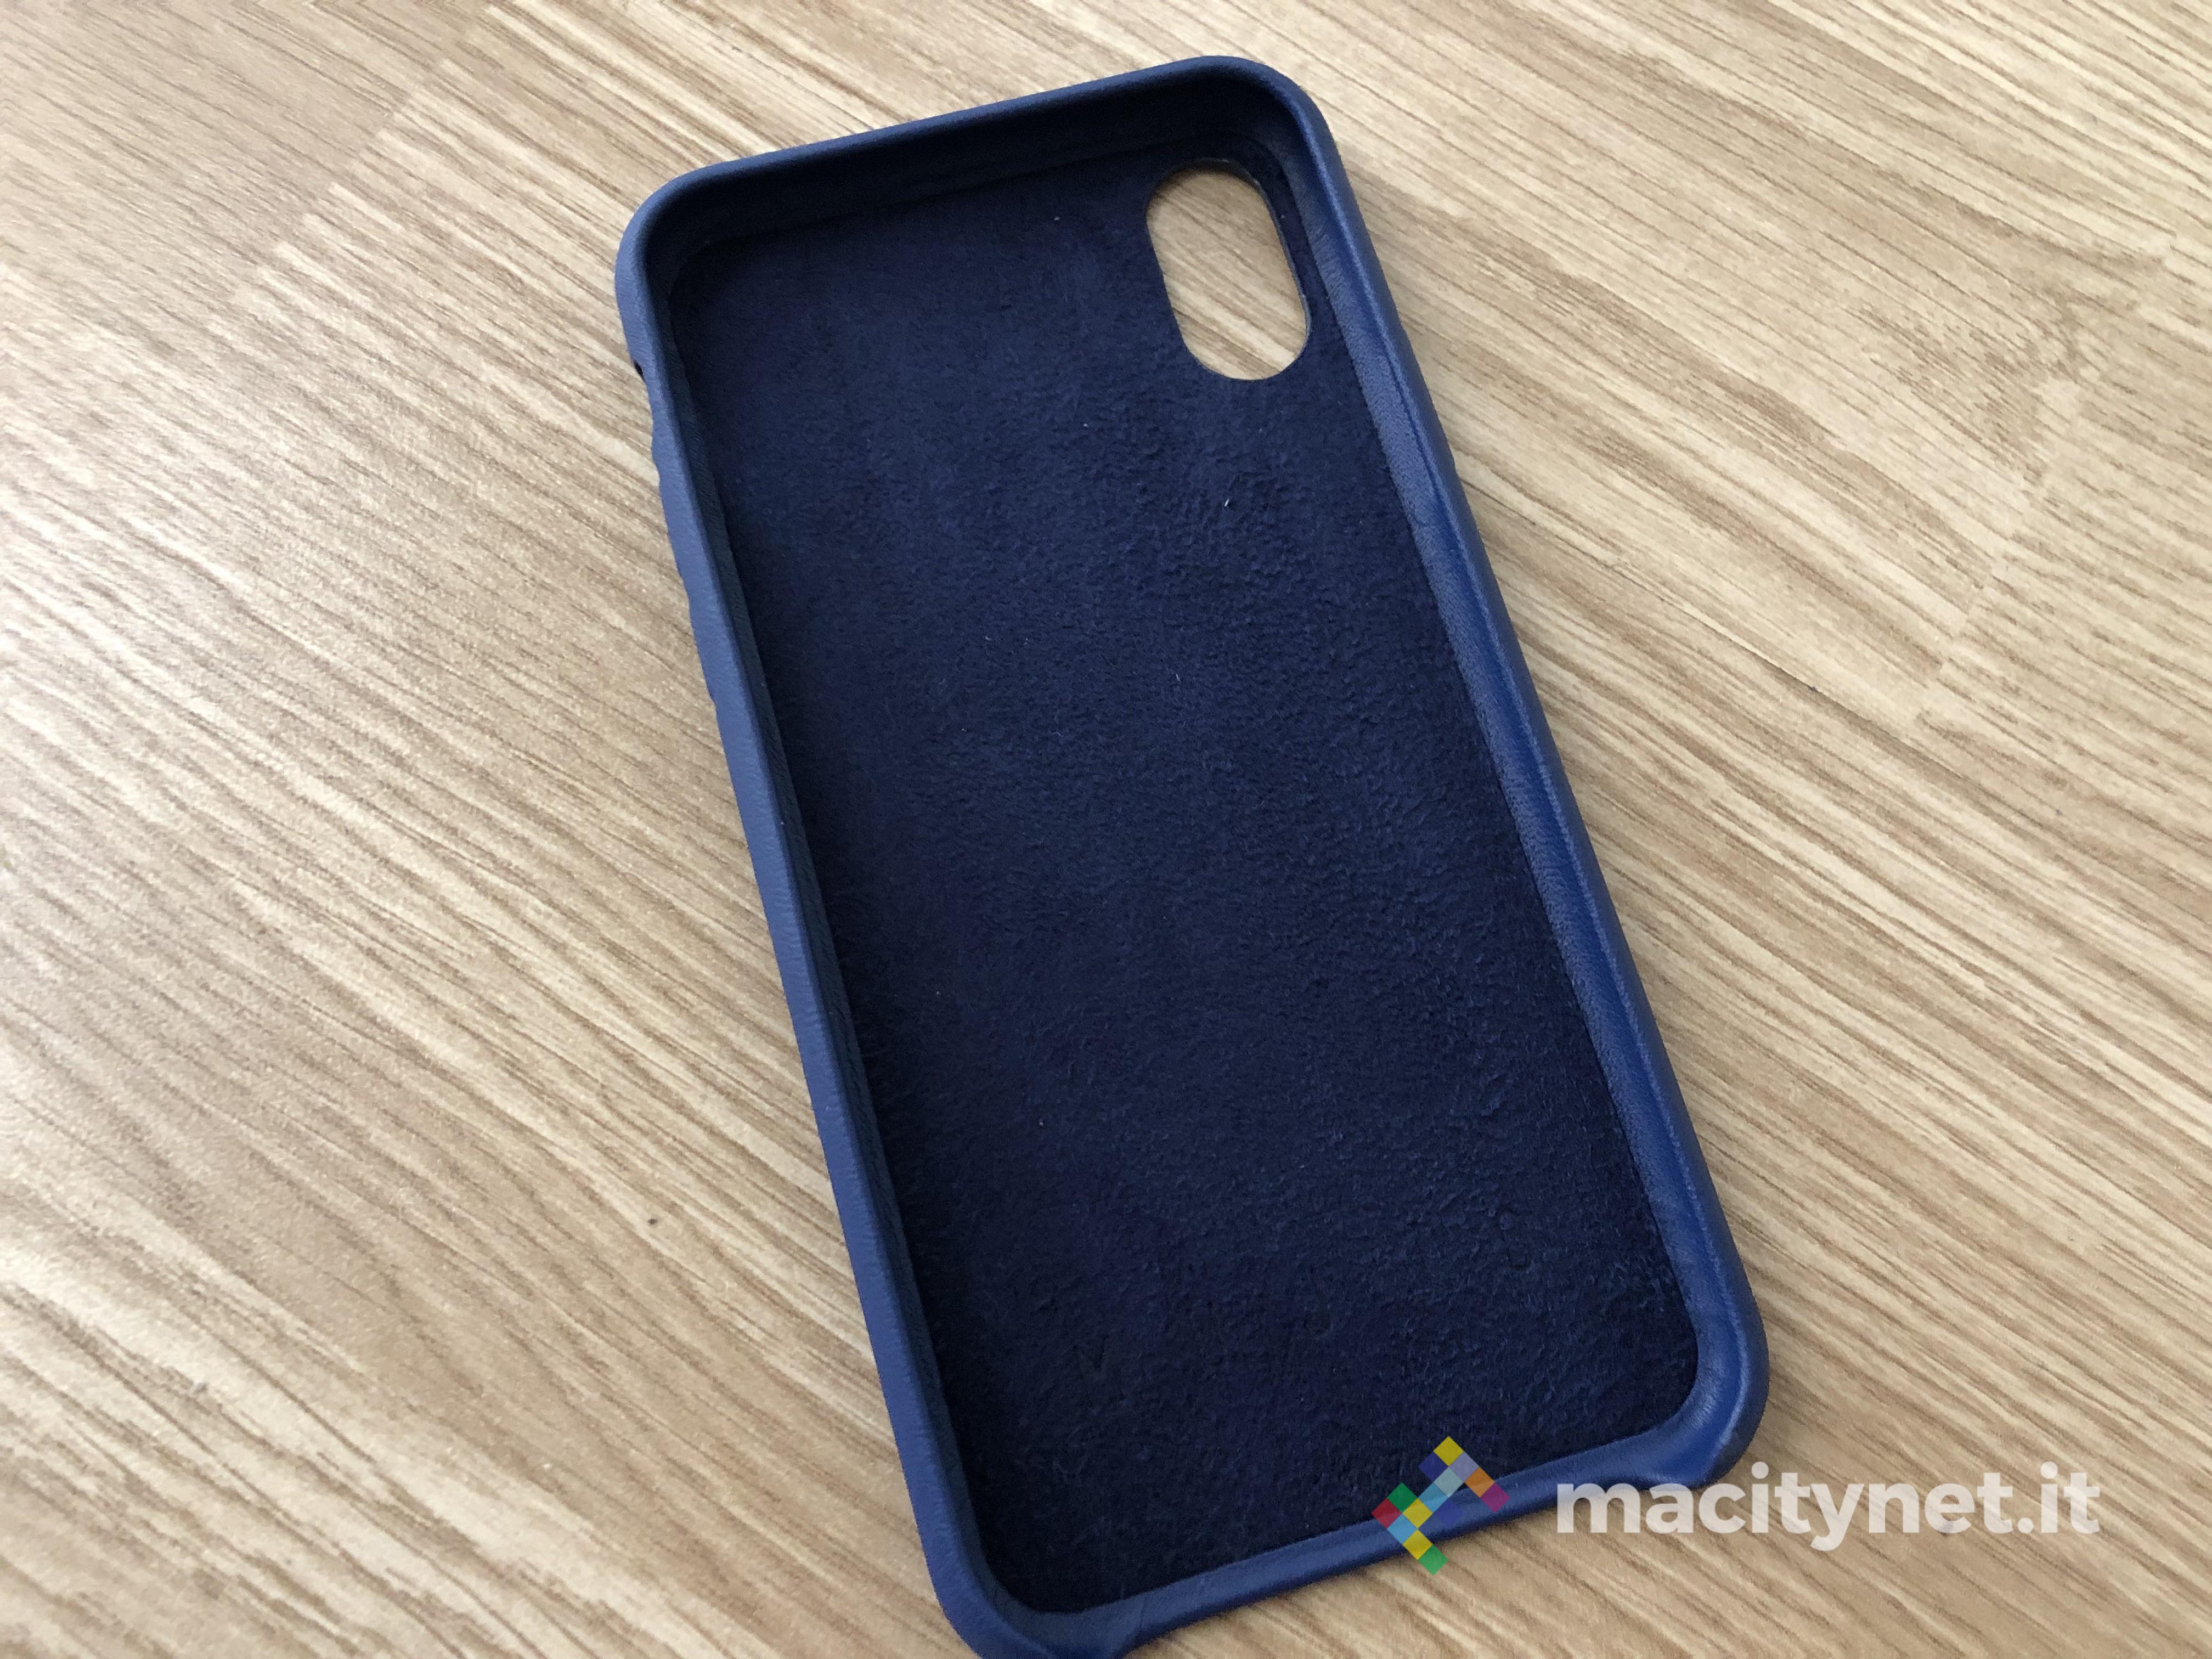 iPhone 6s 5 cover per esaltarne l'estetica